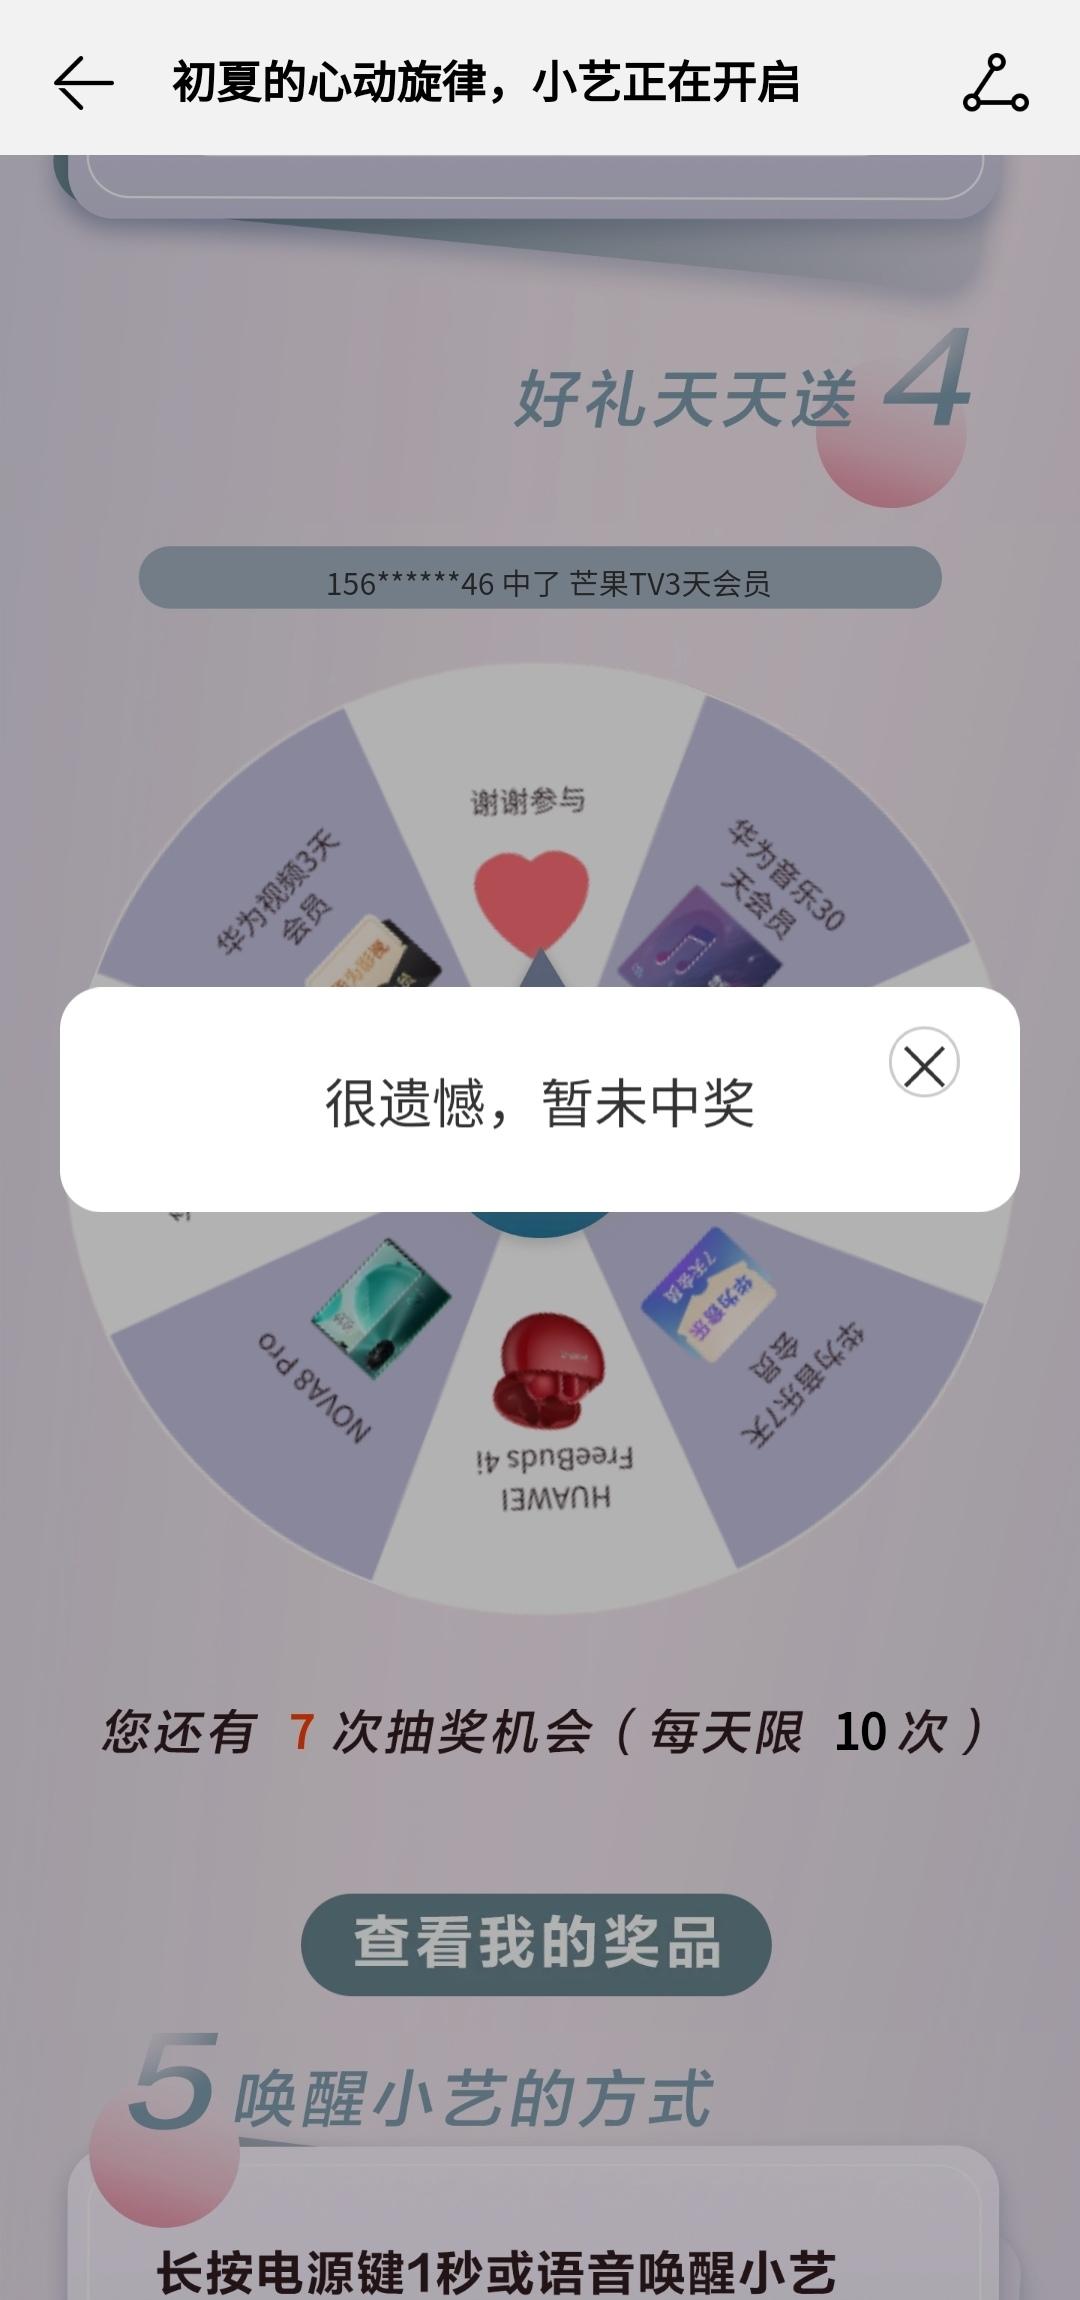 Screenshot_20210514_105207.jpg